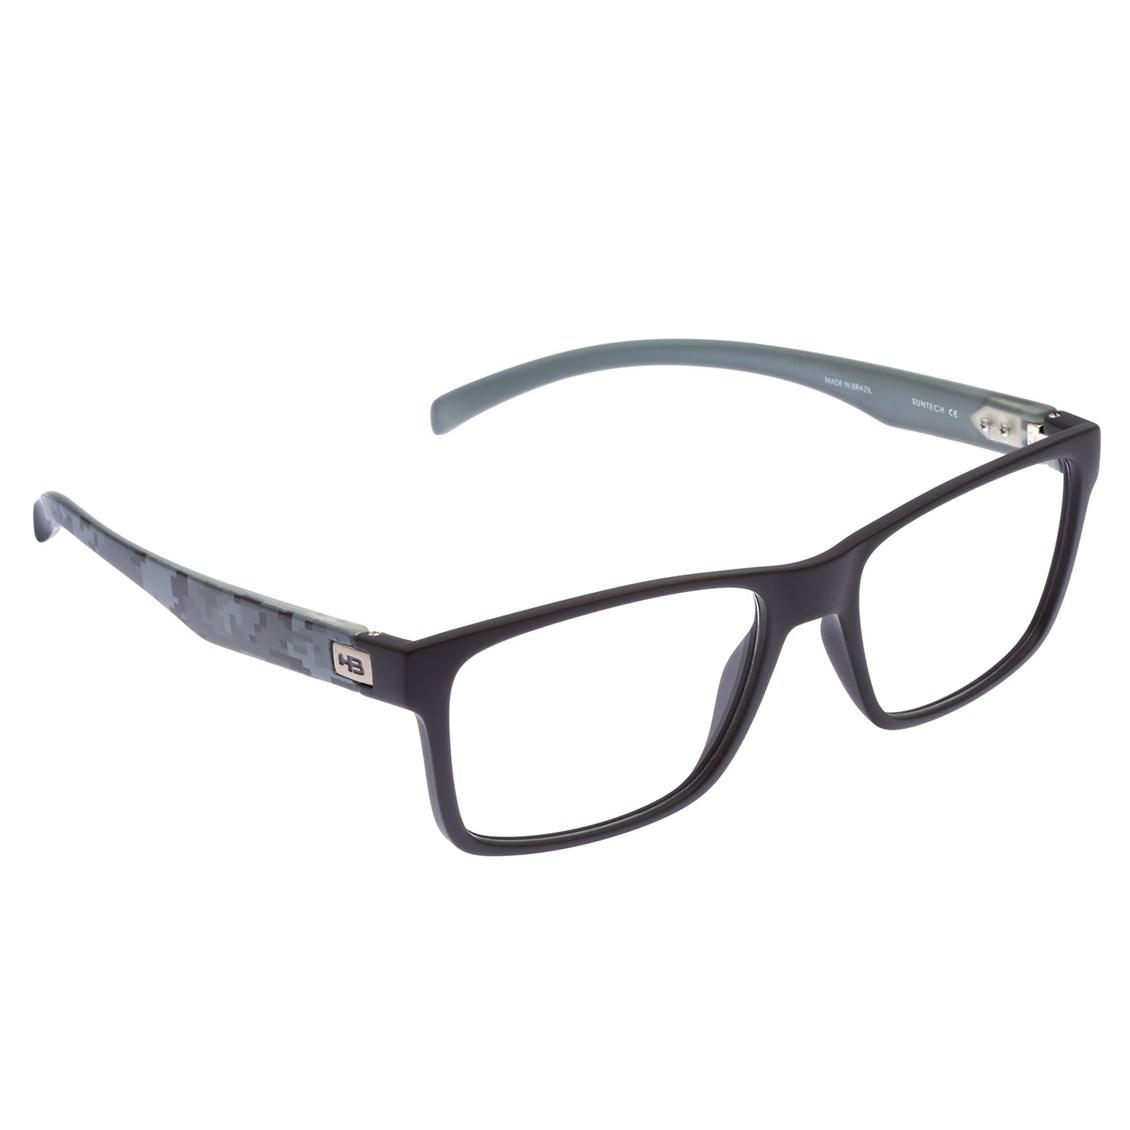 Óculos de Grau HB Polytech 93108 Matte Black Camo Demo